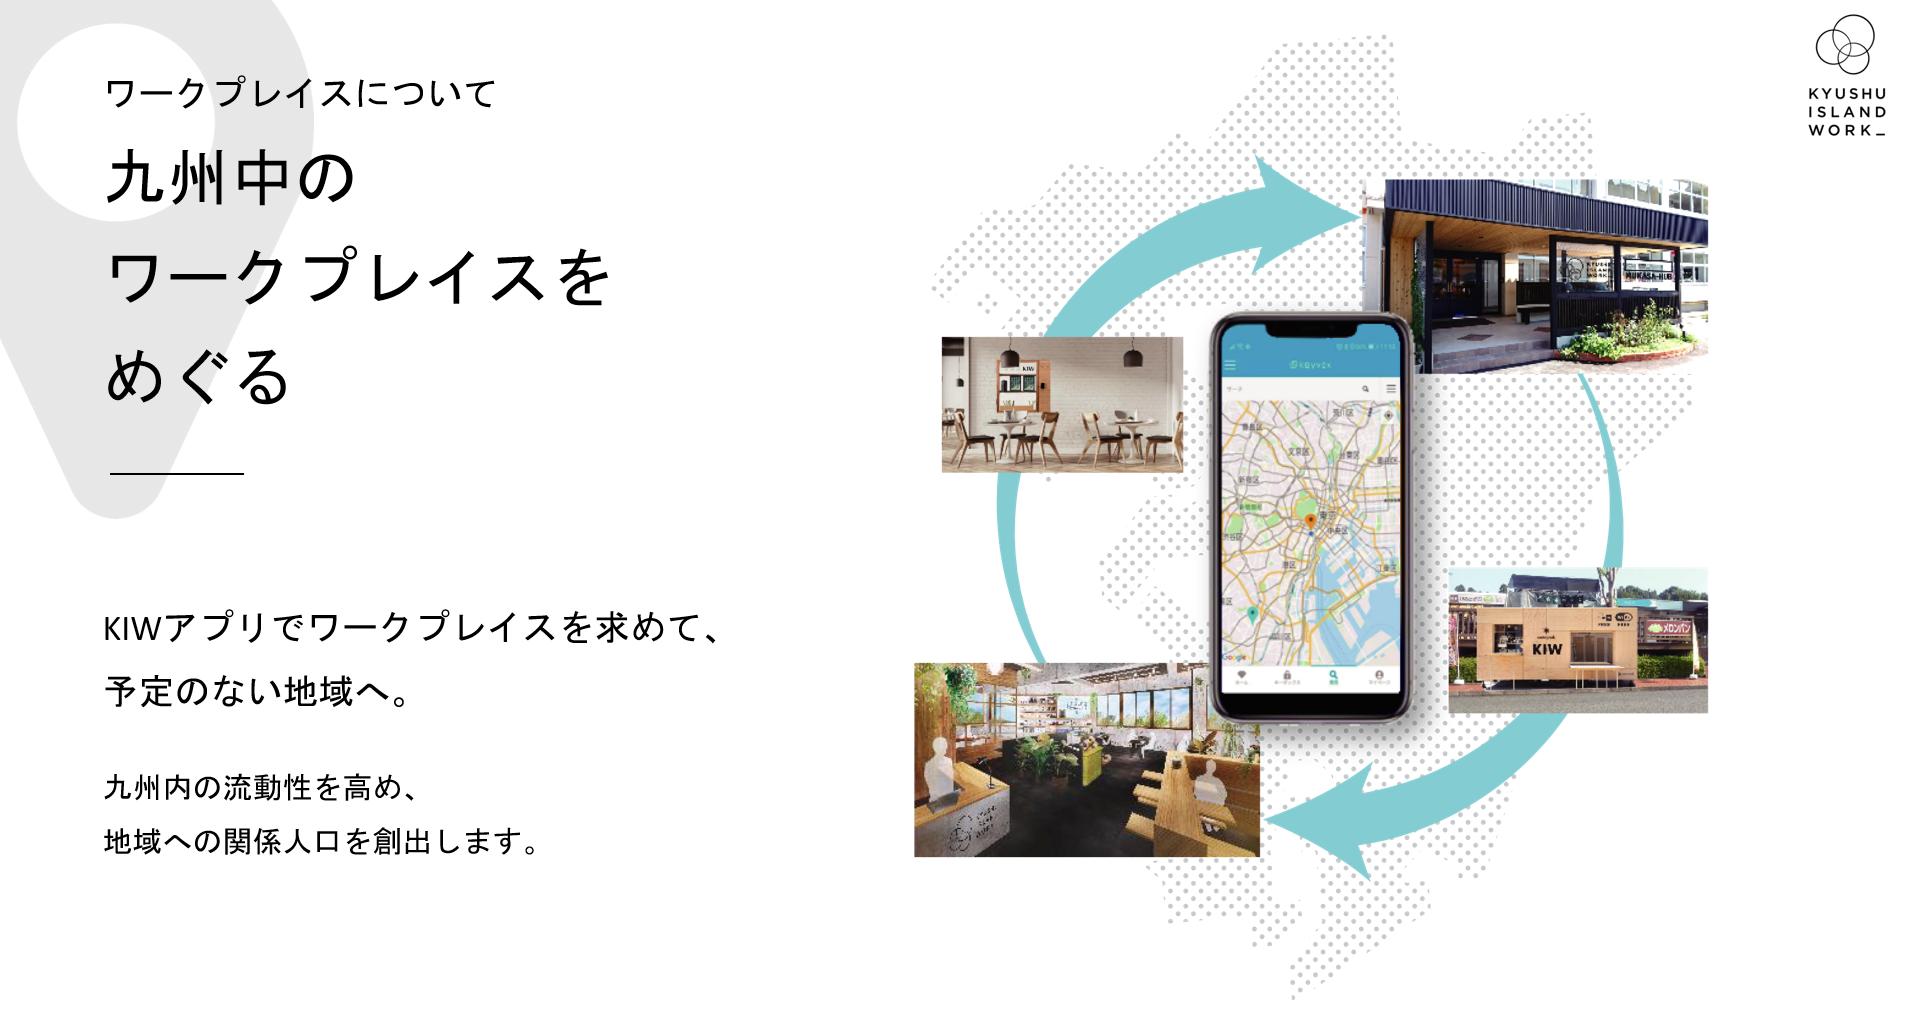 九州中のワークプレイス